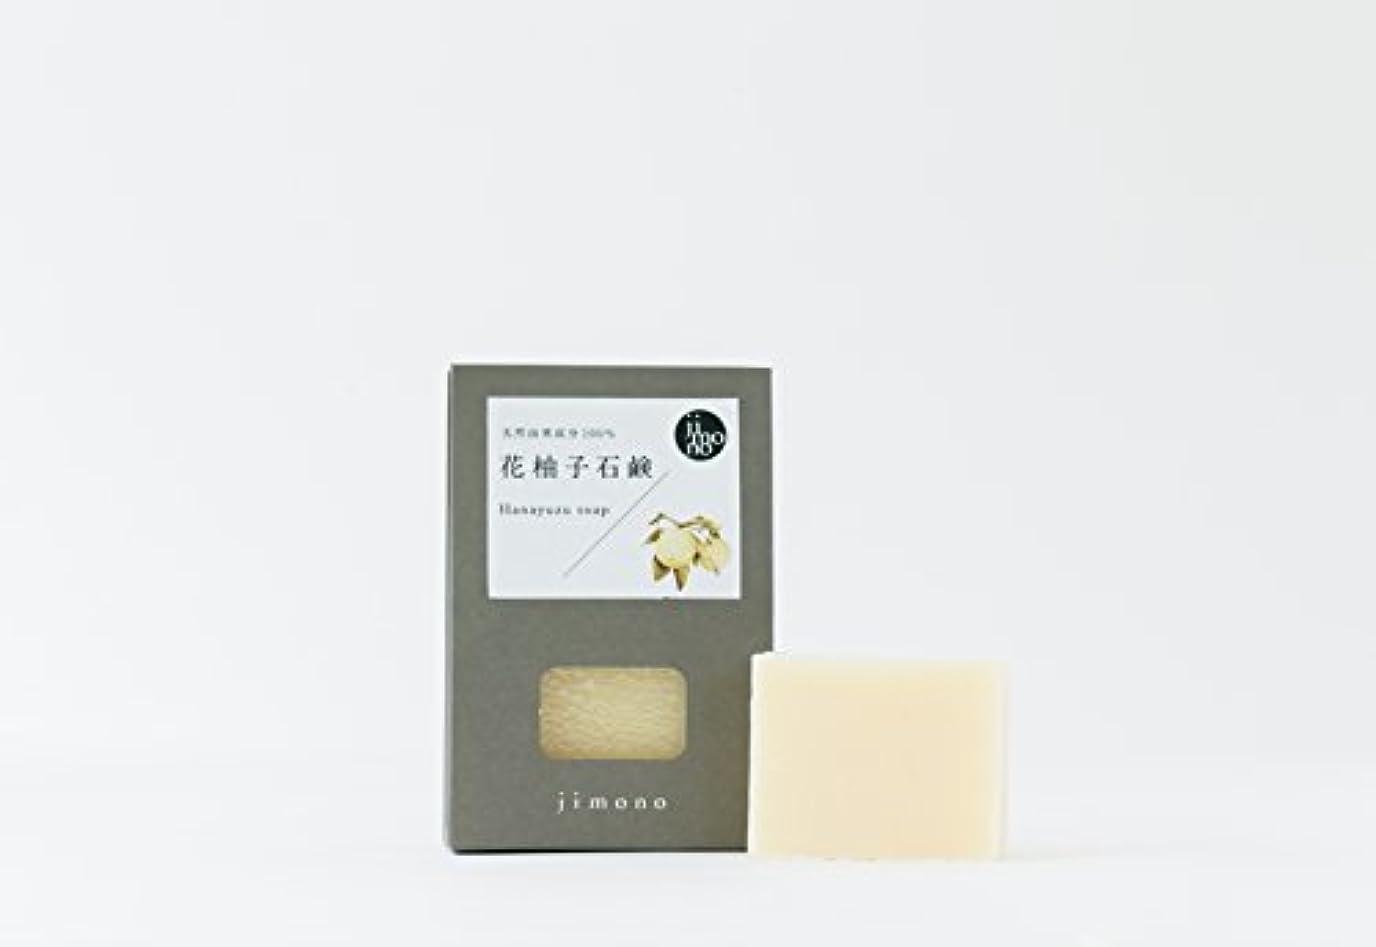 削るマリンライバル花柚子石鹸